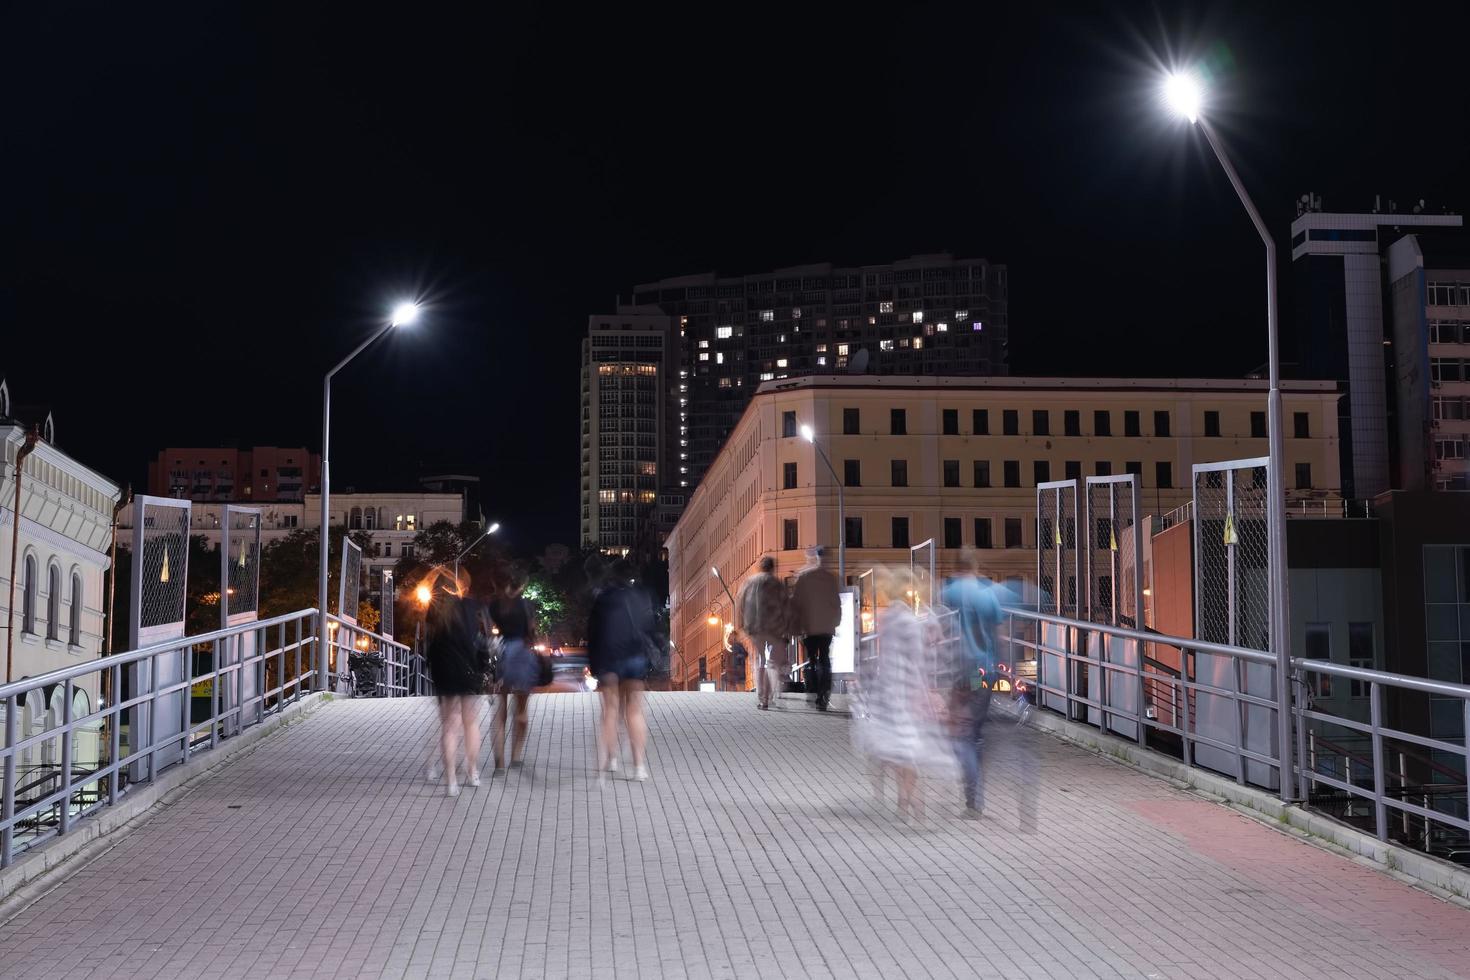 paysage de nuit avec des gens sur le pont de la gare. photo